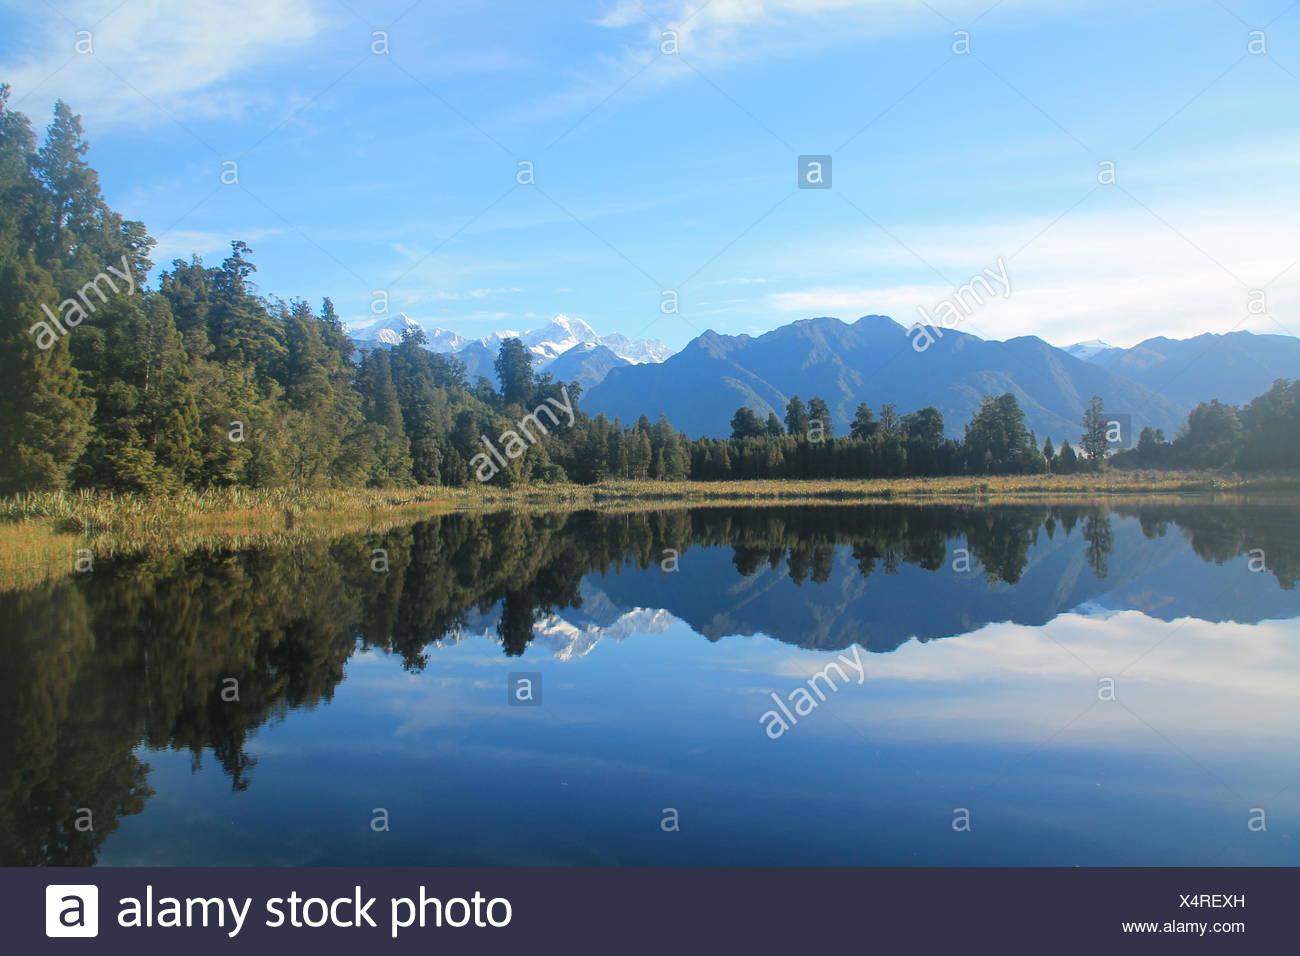 Lake Matheson, New Zealand - Stock Image